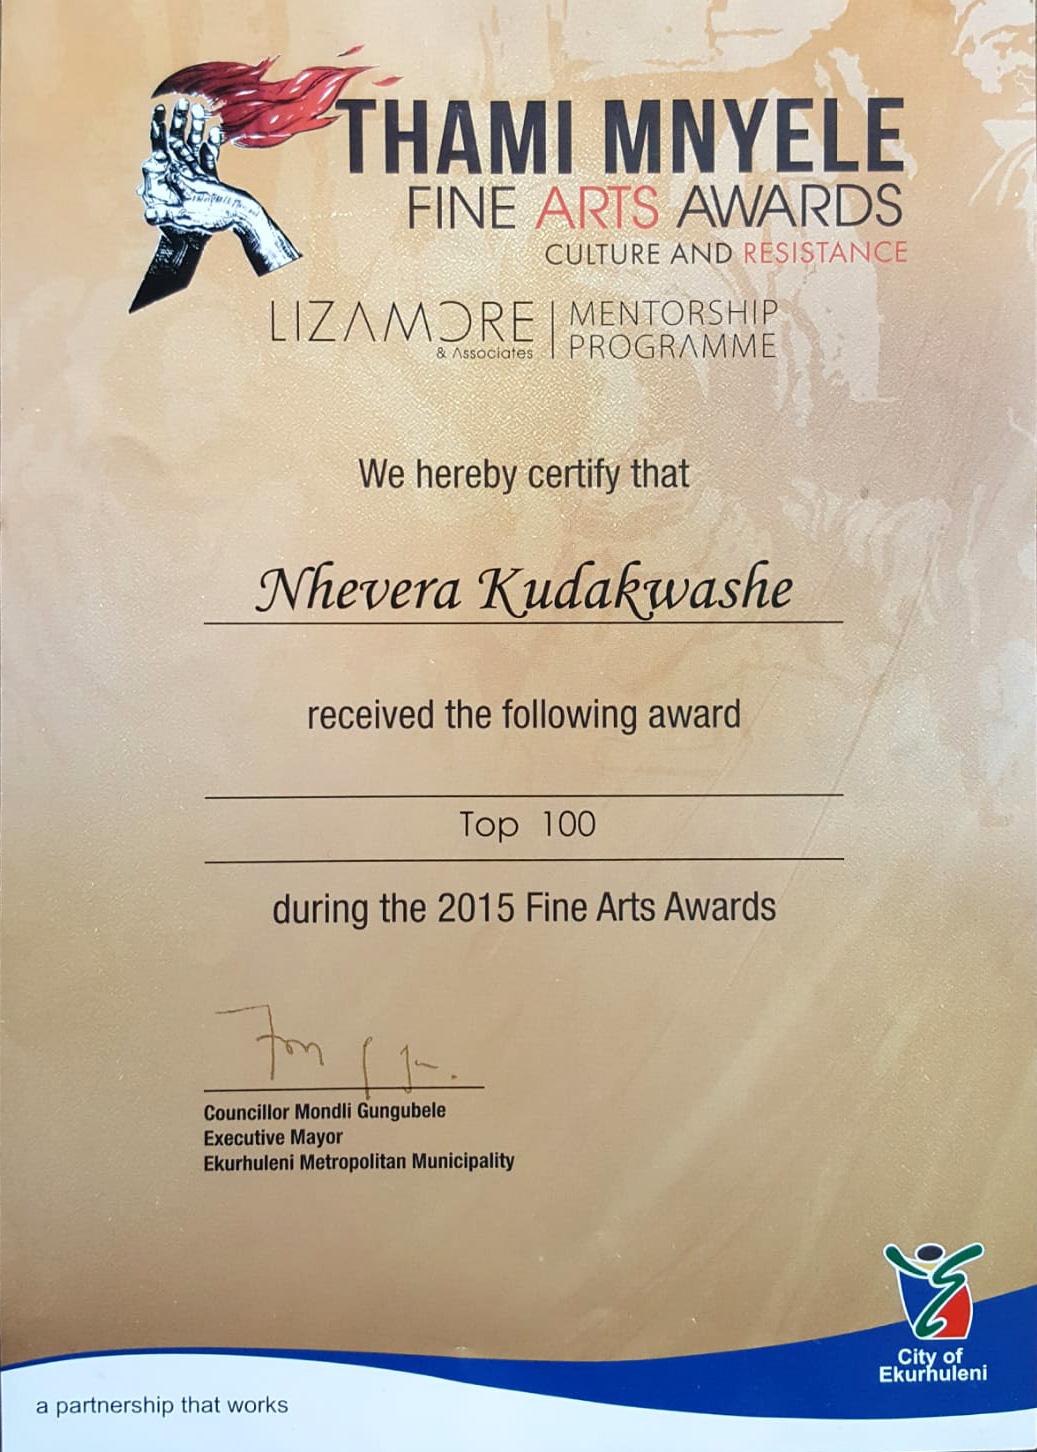 Thami Mnyele Fine Arts Awards 2015